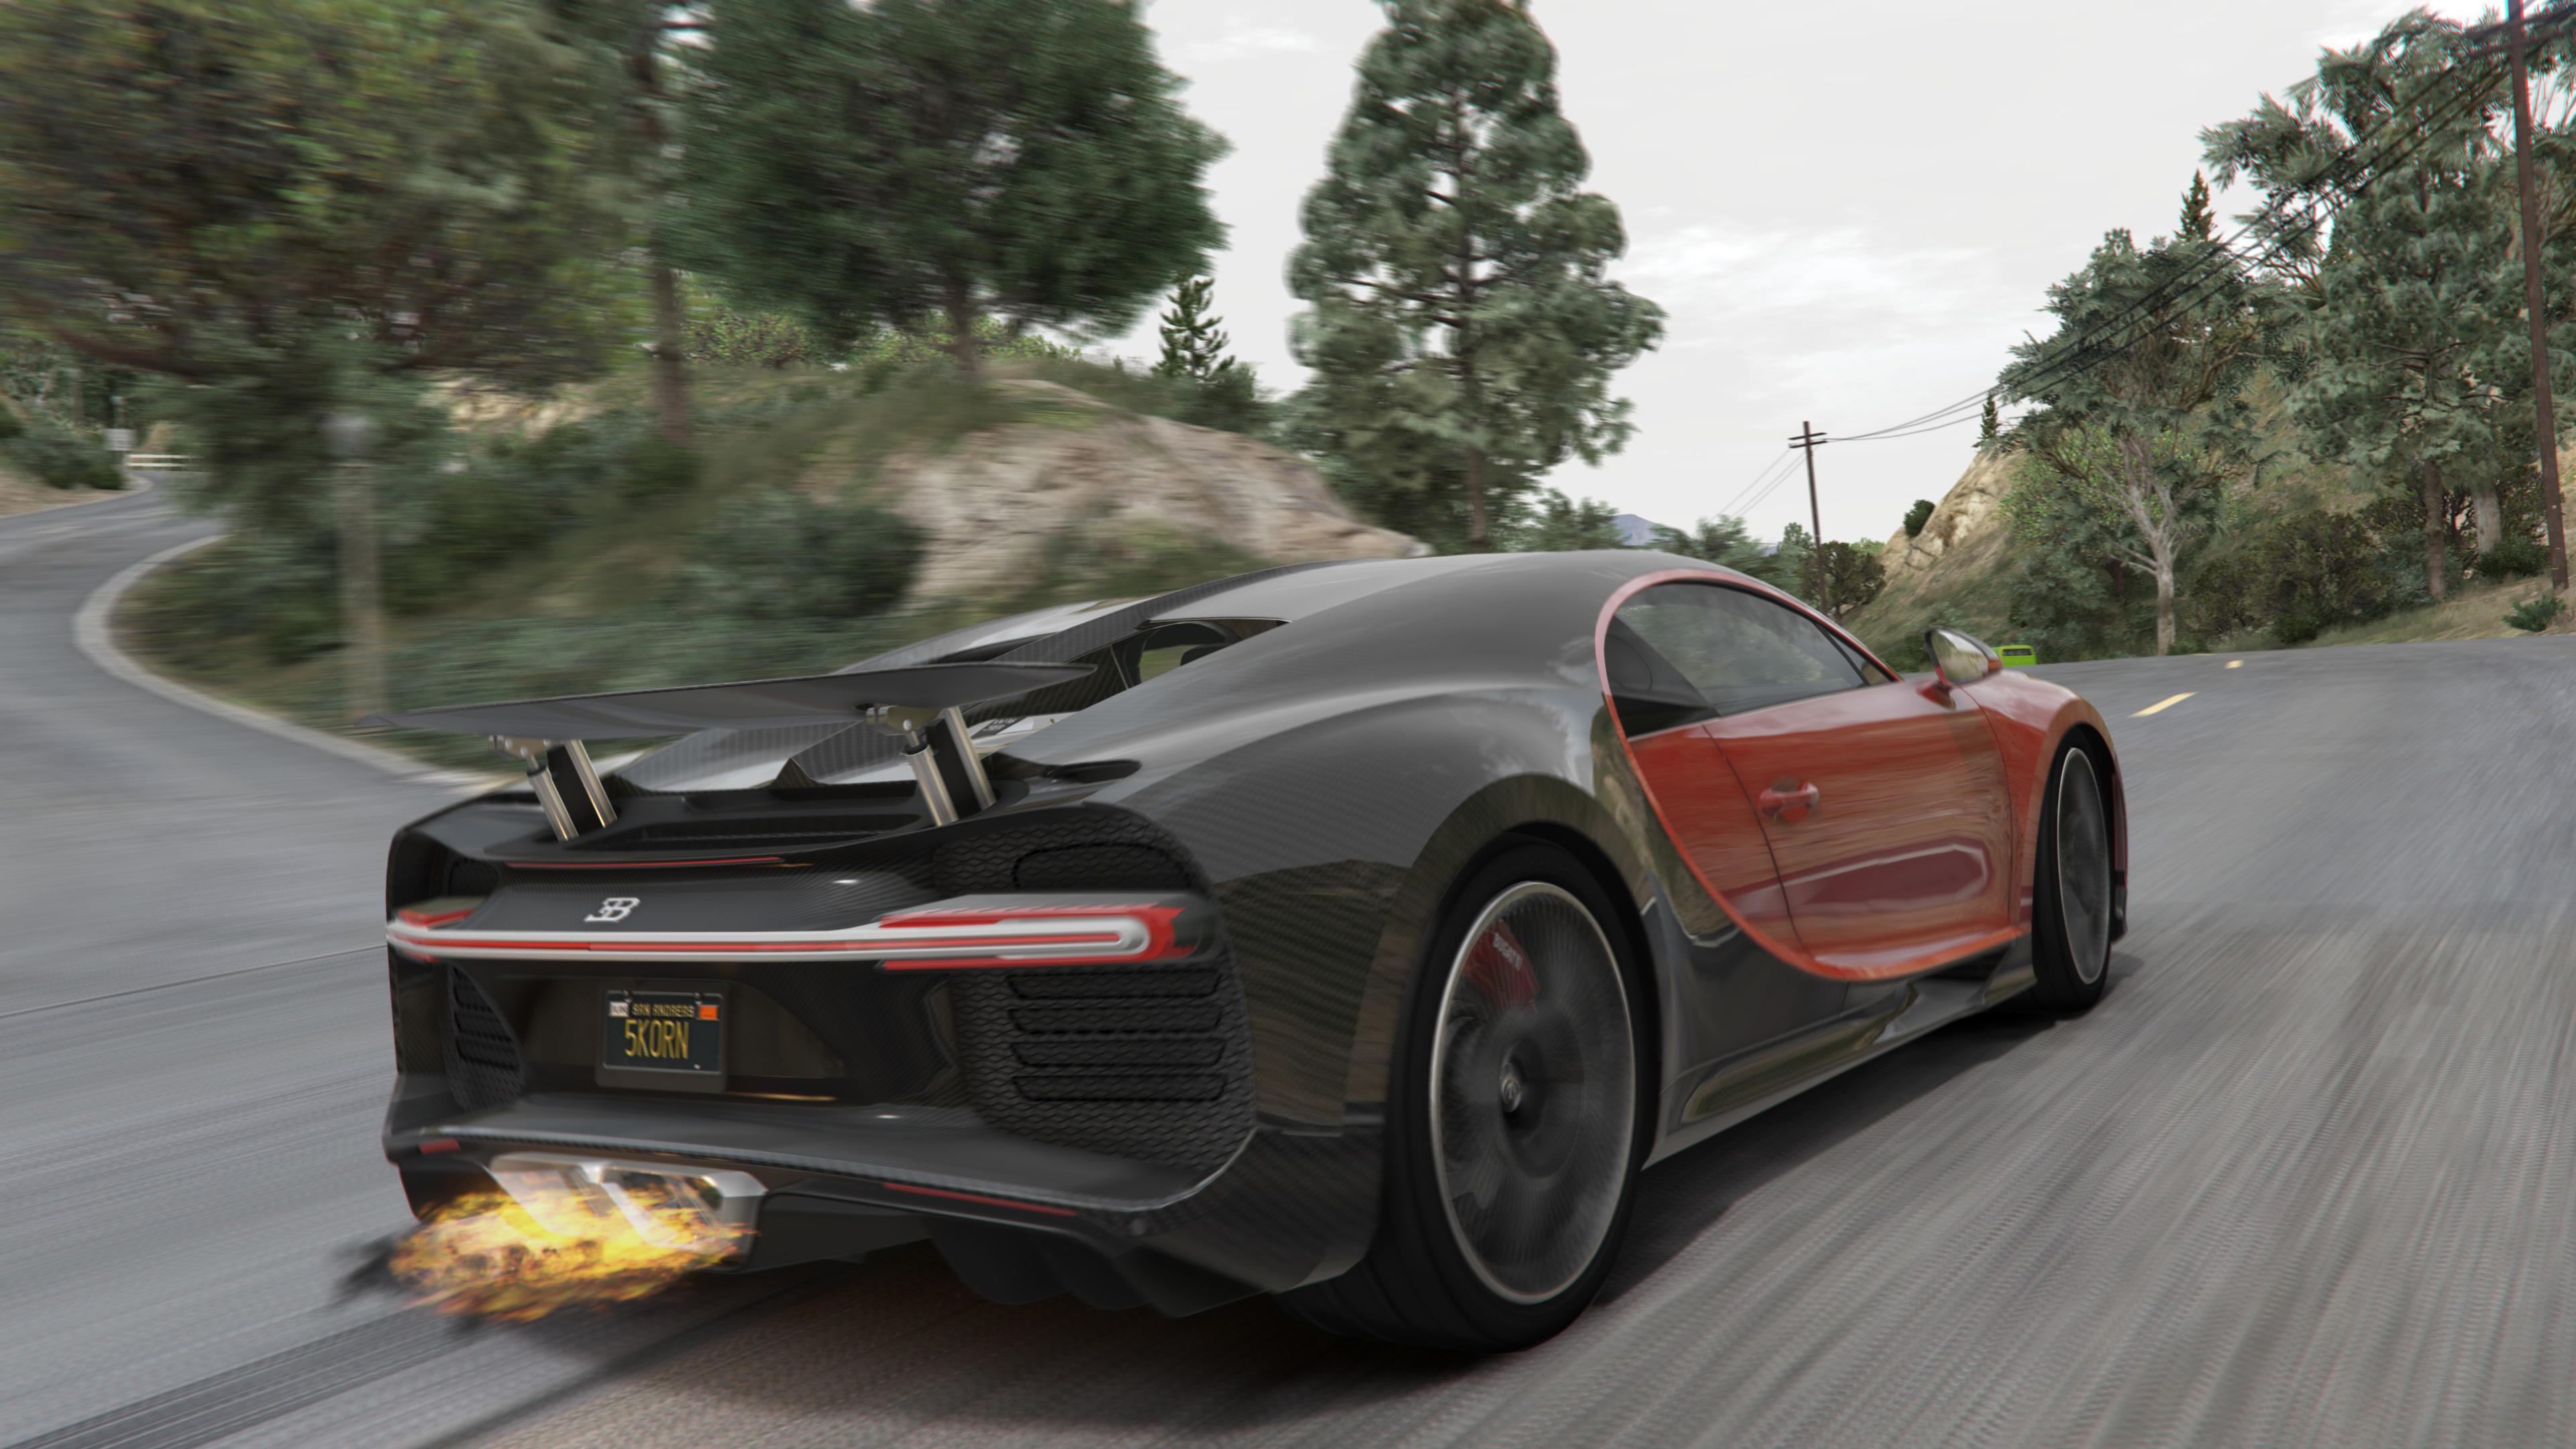 2017 Bugatti Chiron Tuning Livery Analog Digital